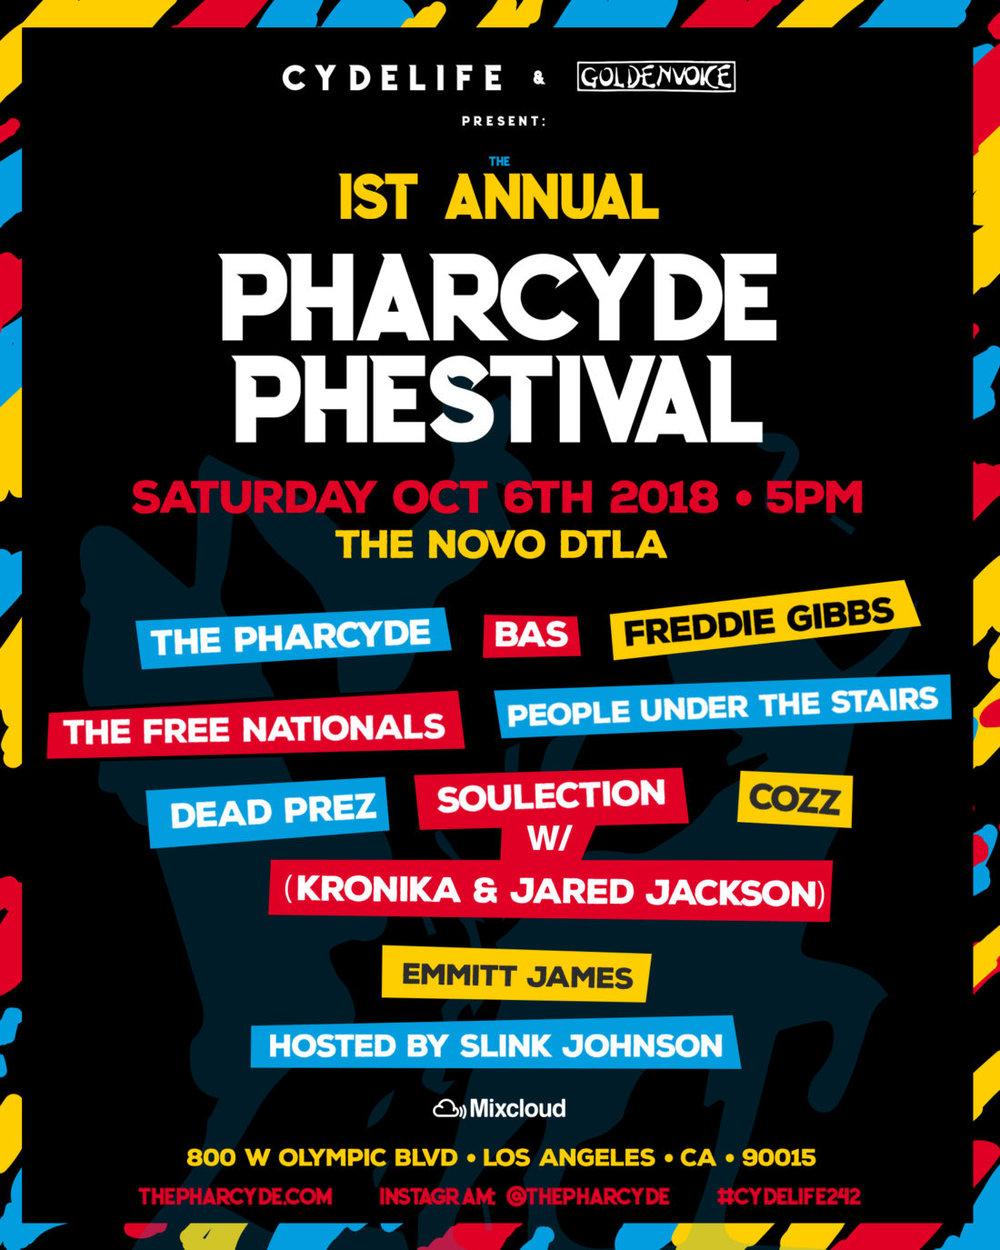 The-Pharcyde-Festival-Announcement-Flyer_V2-1100x1375.jpg